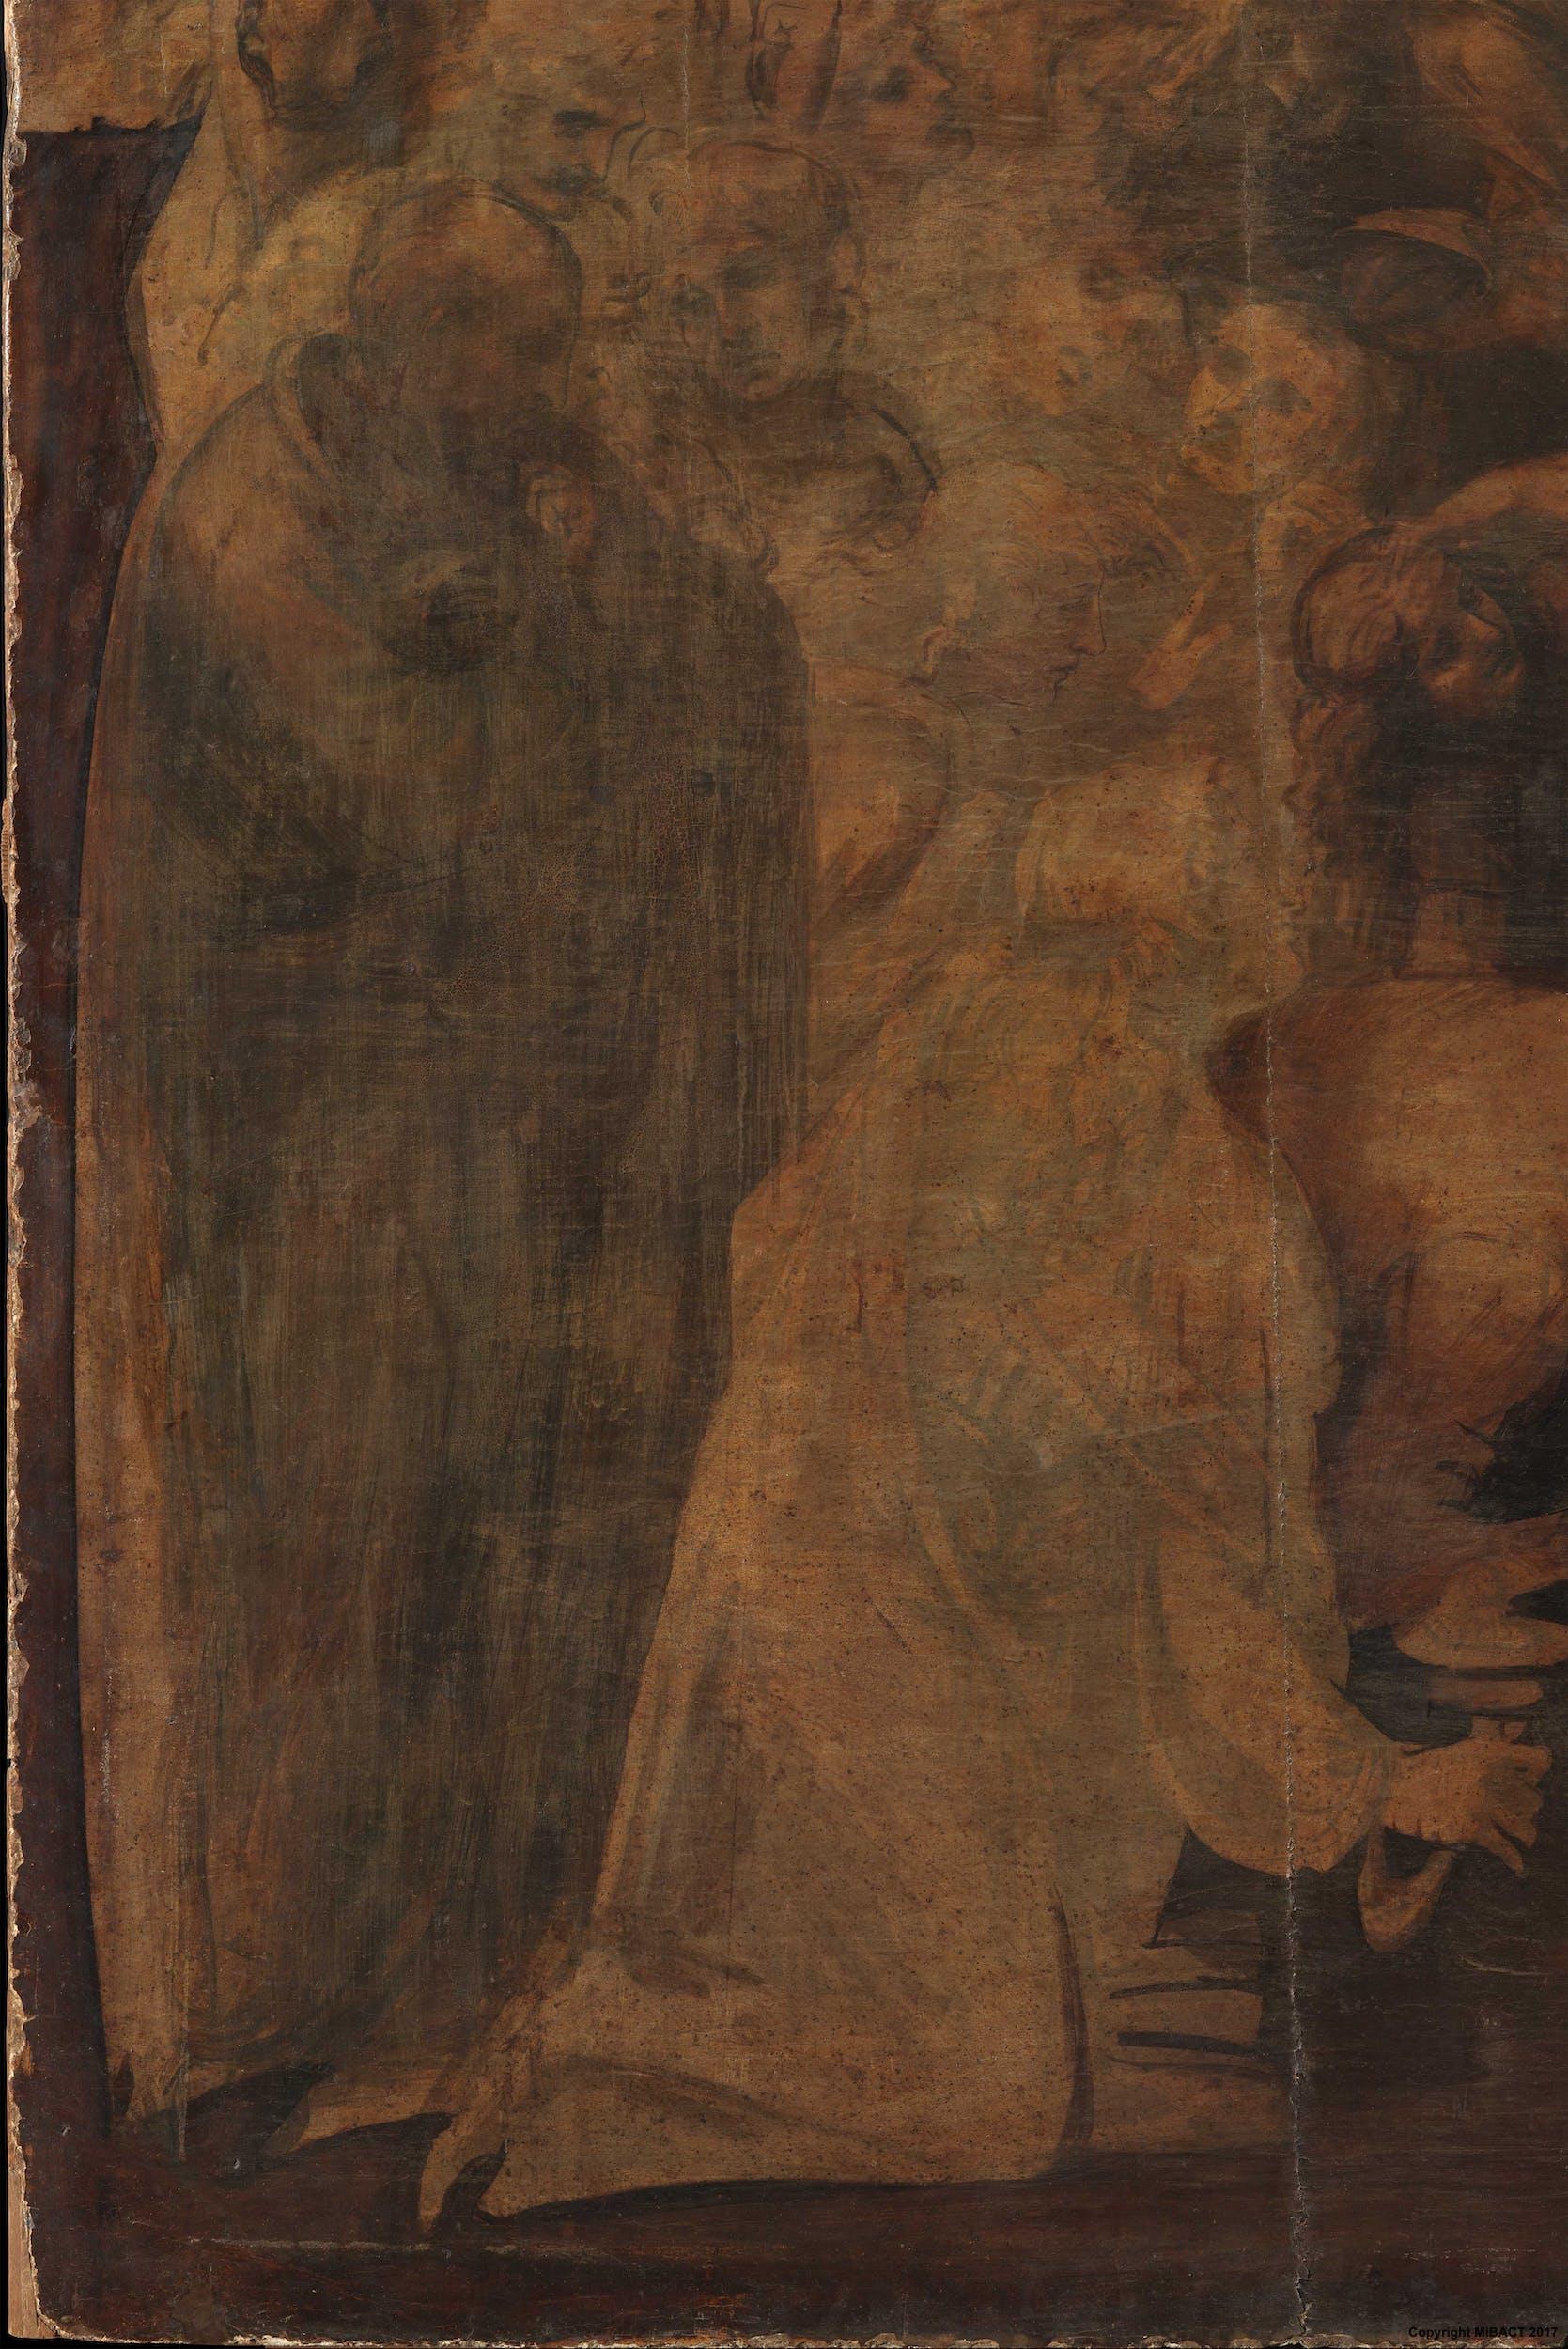 4. Particolare del personaggio in pedi, a sinistra, prima del restauro